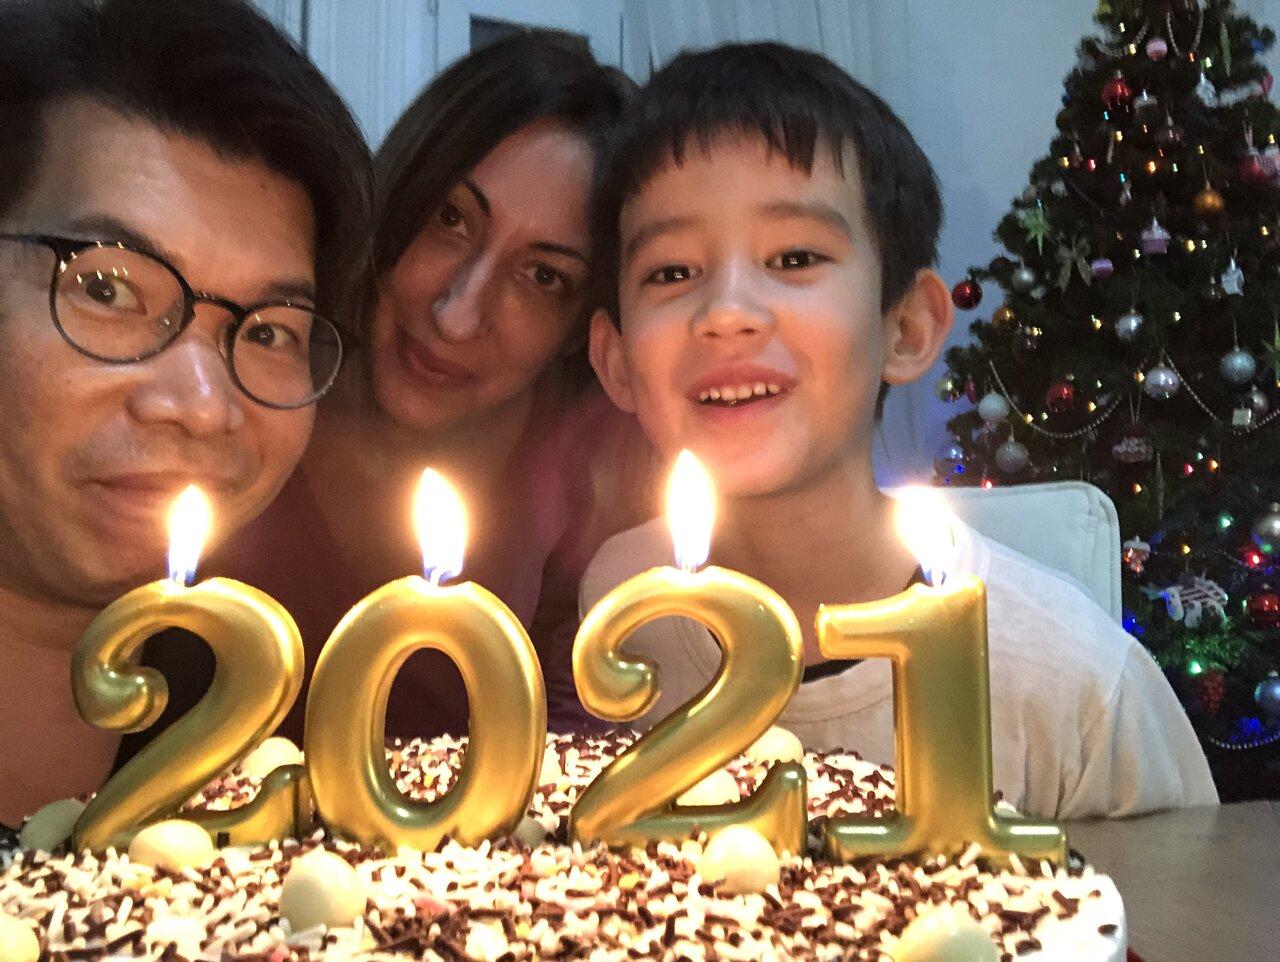 富永一家のみなさん。左からパパ・正明さん、ママ・マリヤさん、息子・ステファンくん。  <br> 写真提供:富永正明